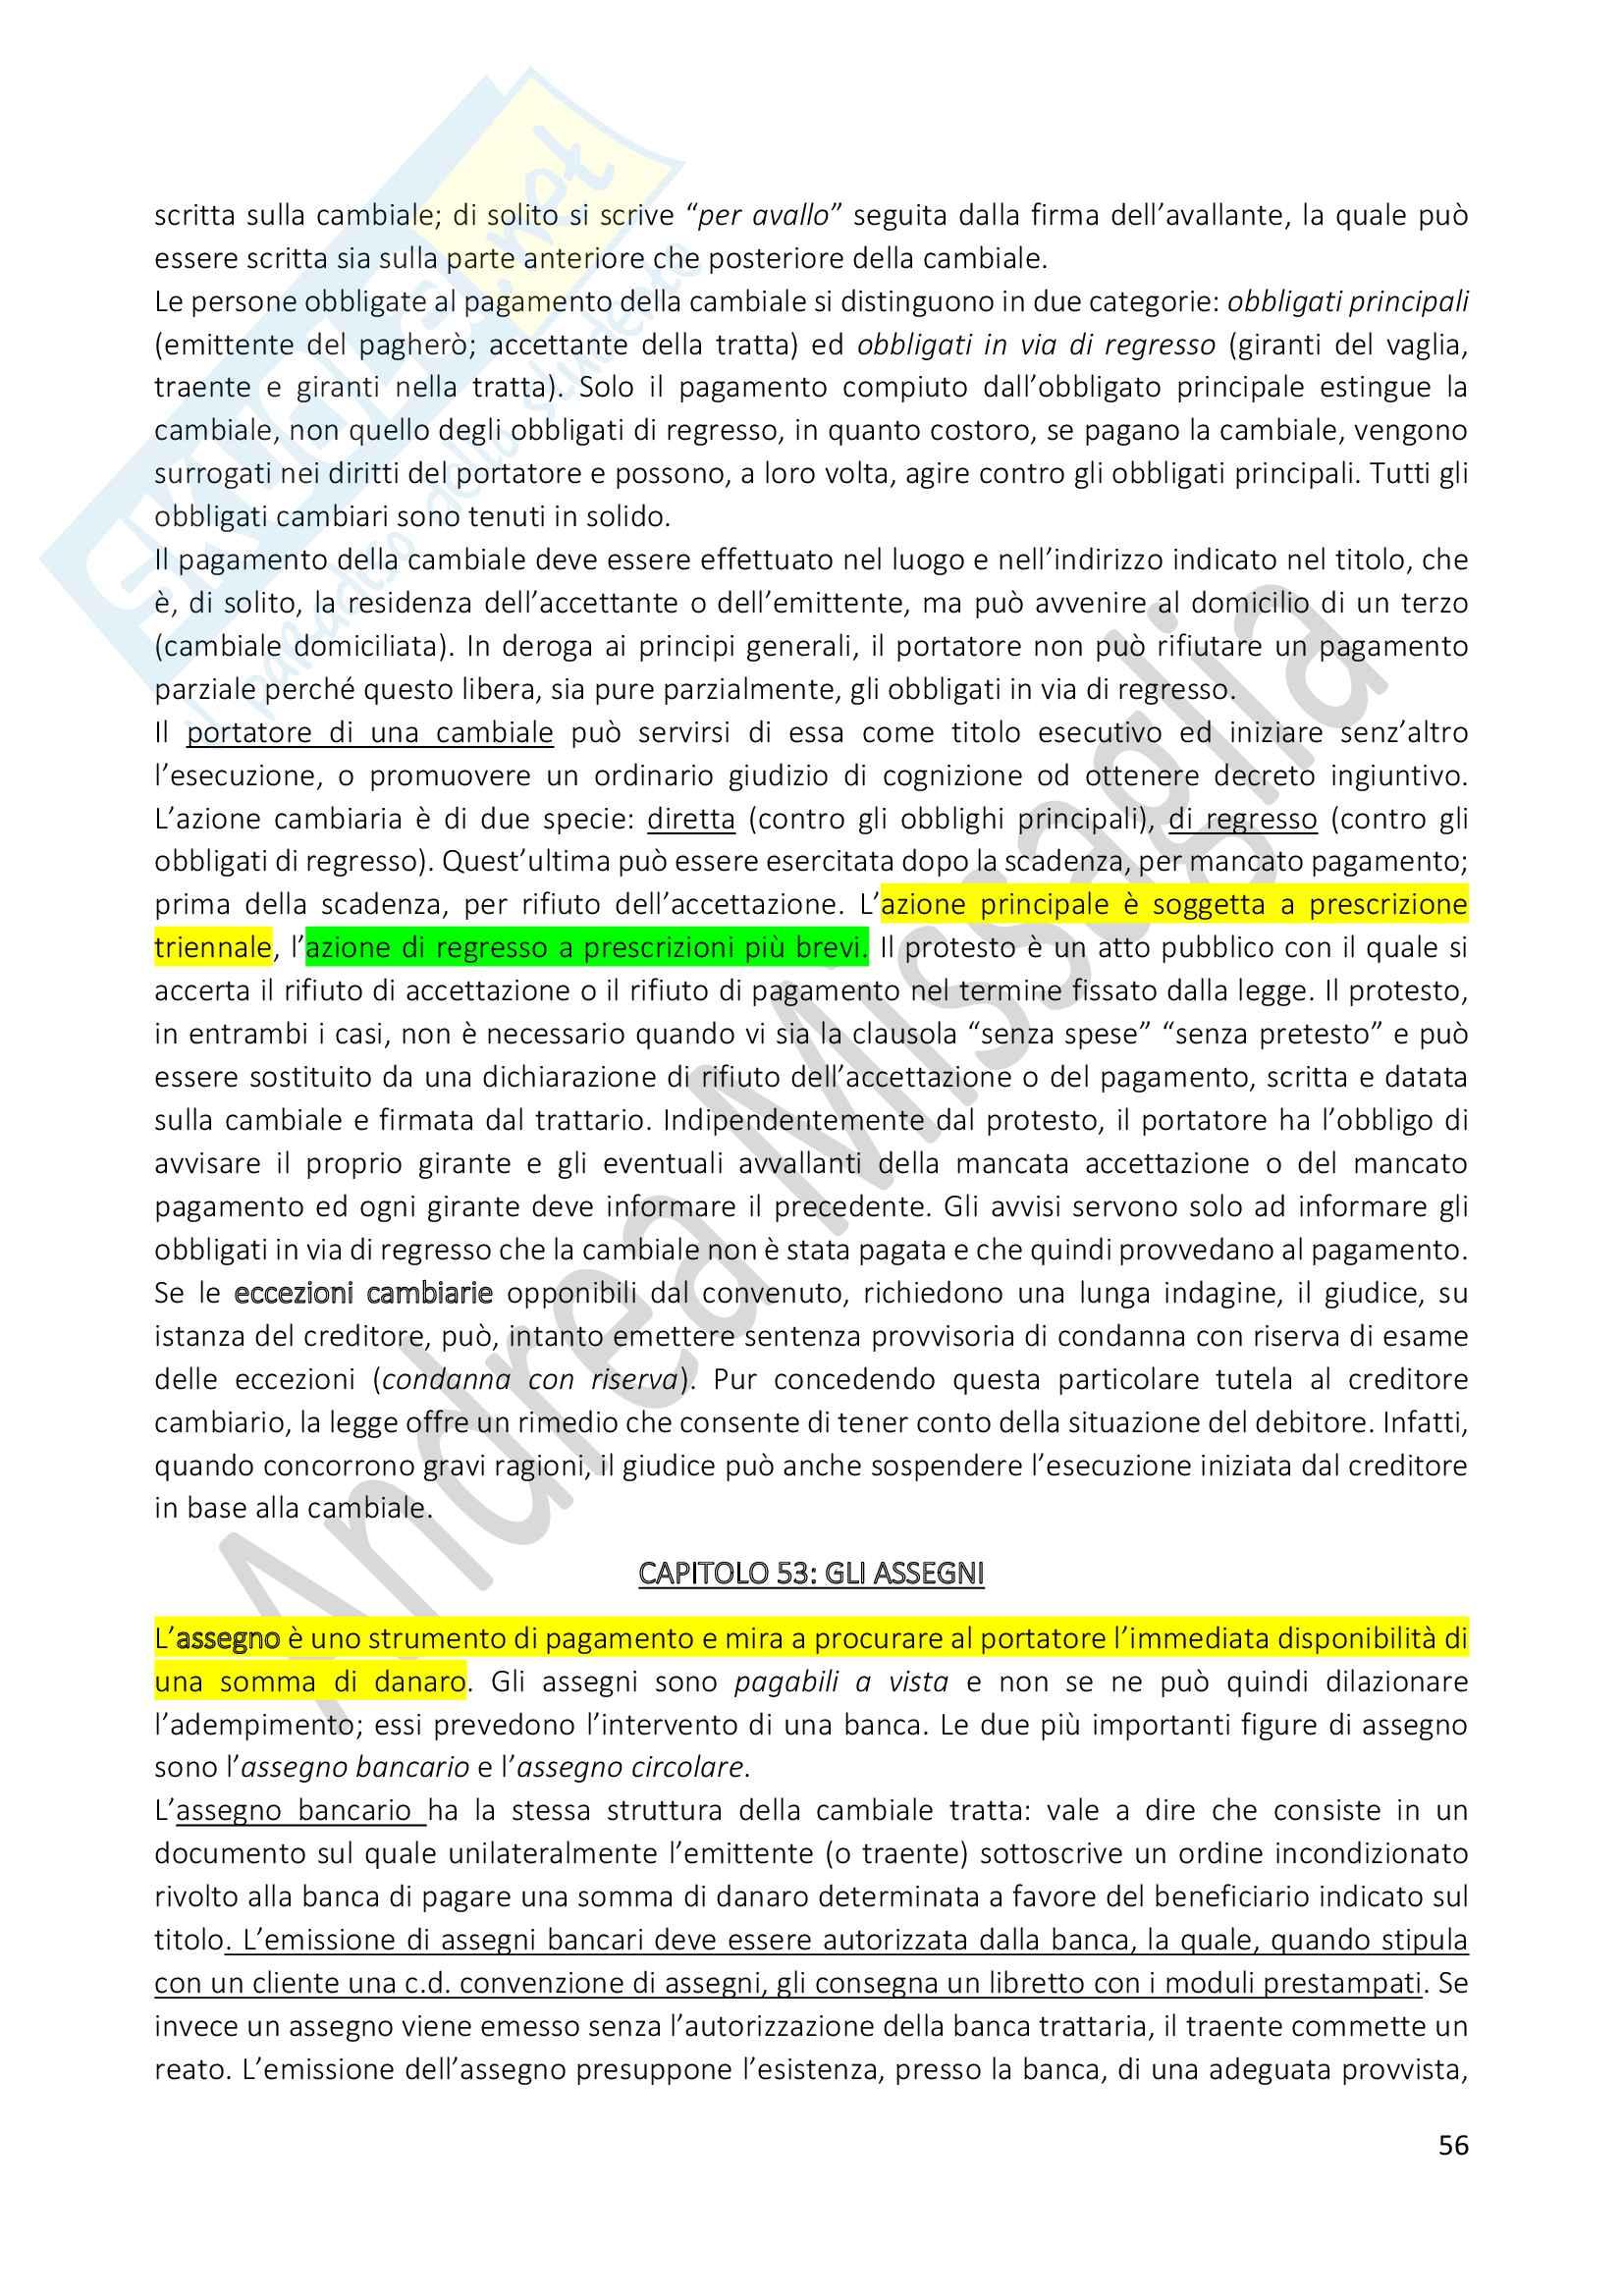 Riassunto Esame Istituzioni di Diritto Privato (Economia), prof. Schiavone Pag. 56